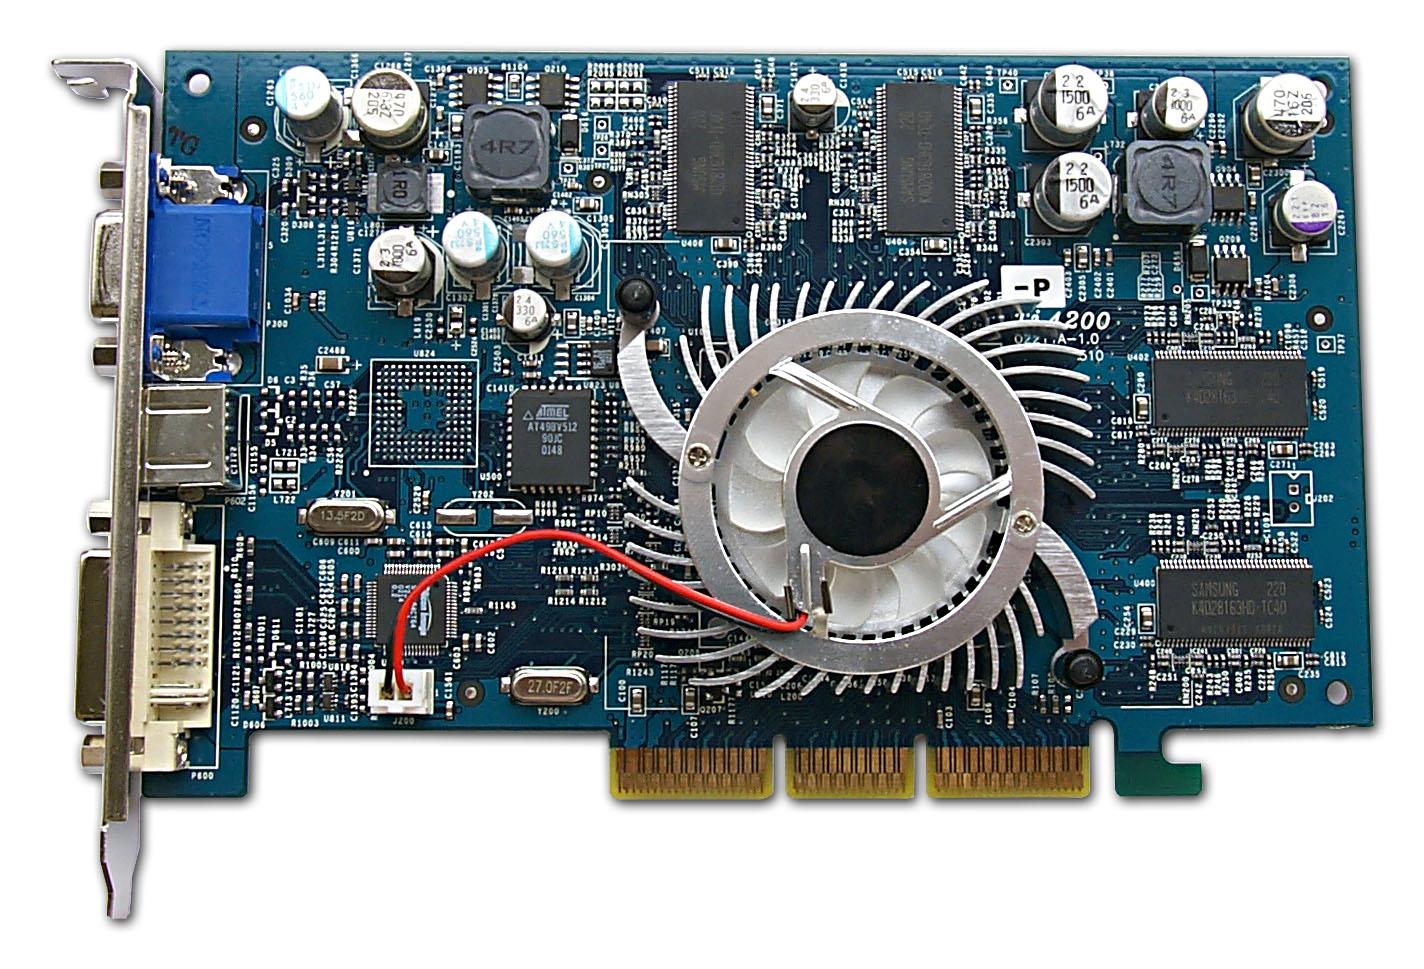 Geforce4 mx440se 64 mb драйвер скачать